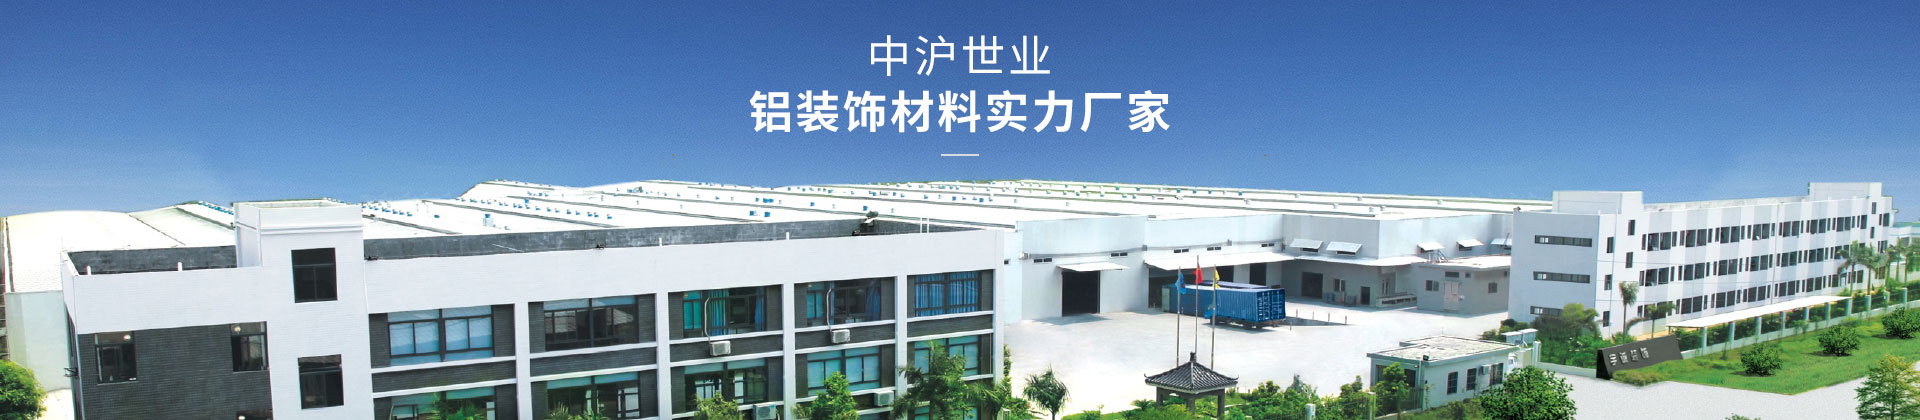 中沪万博manbetx官网手机版登陆铝装饰材料实力厂家